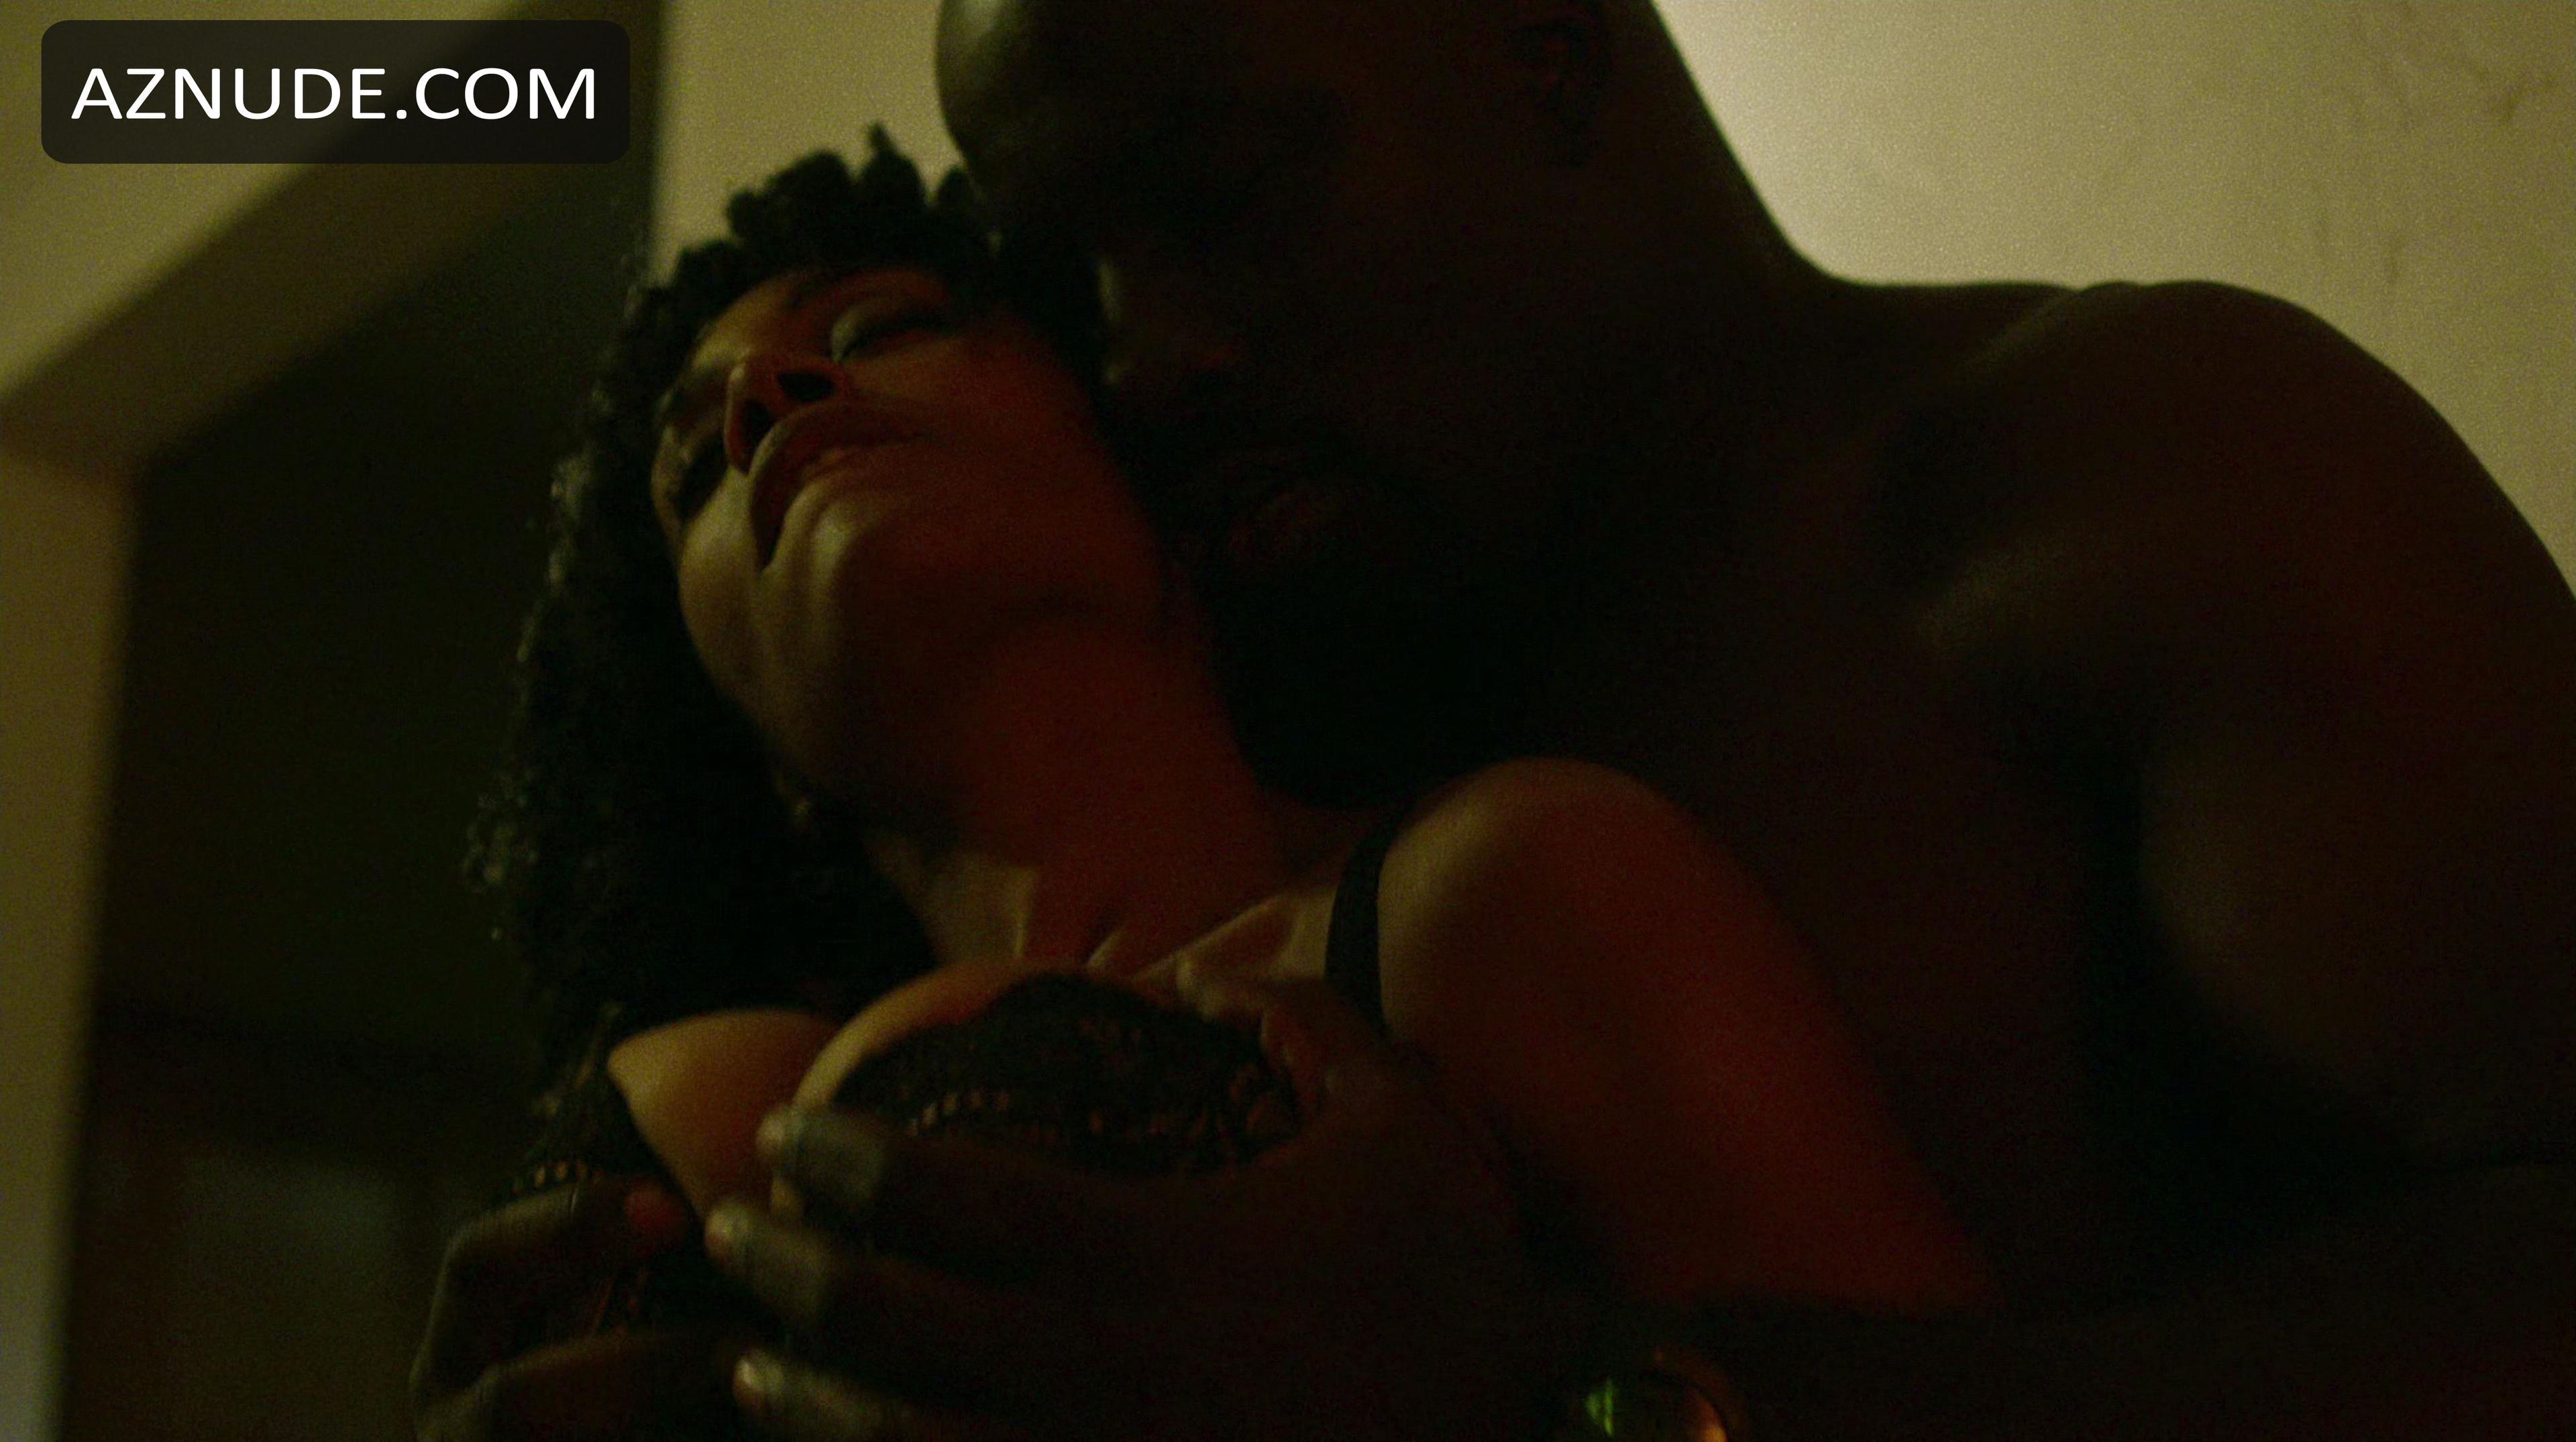 Simone missick sexy scene in marvel luke cage aznude